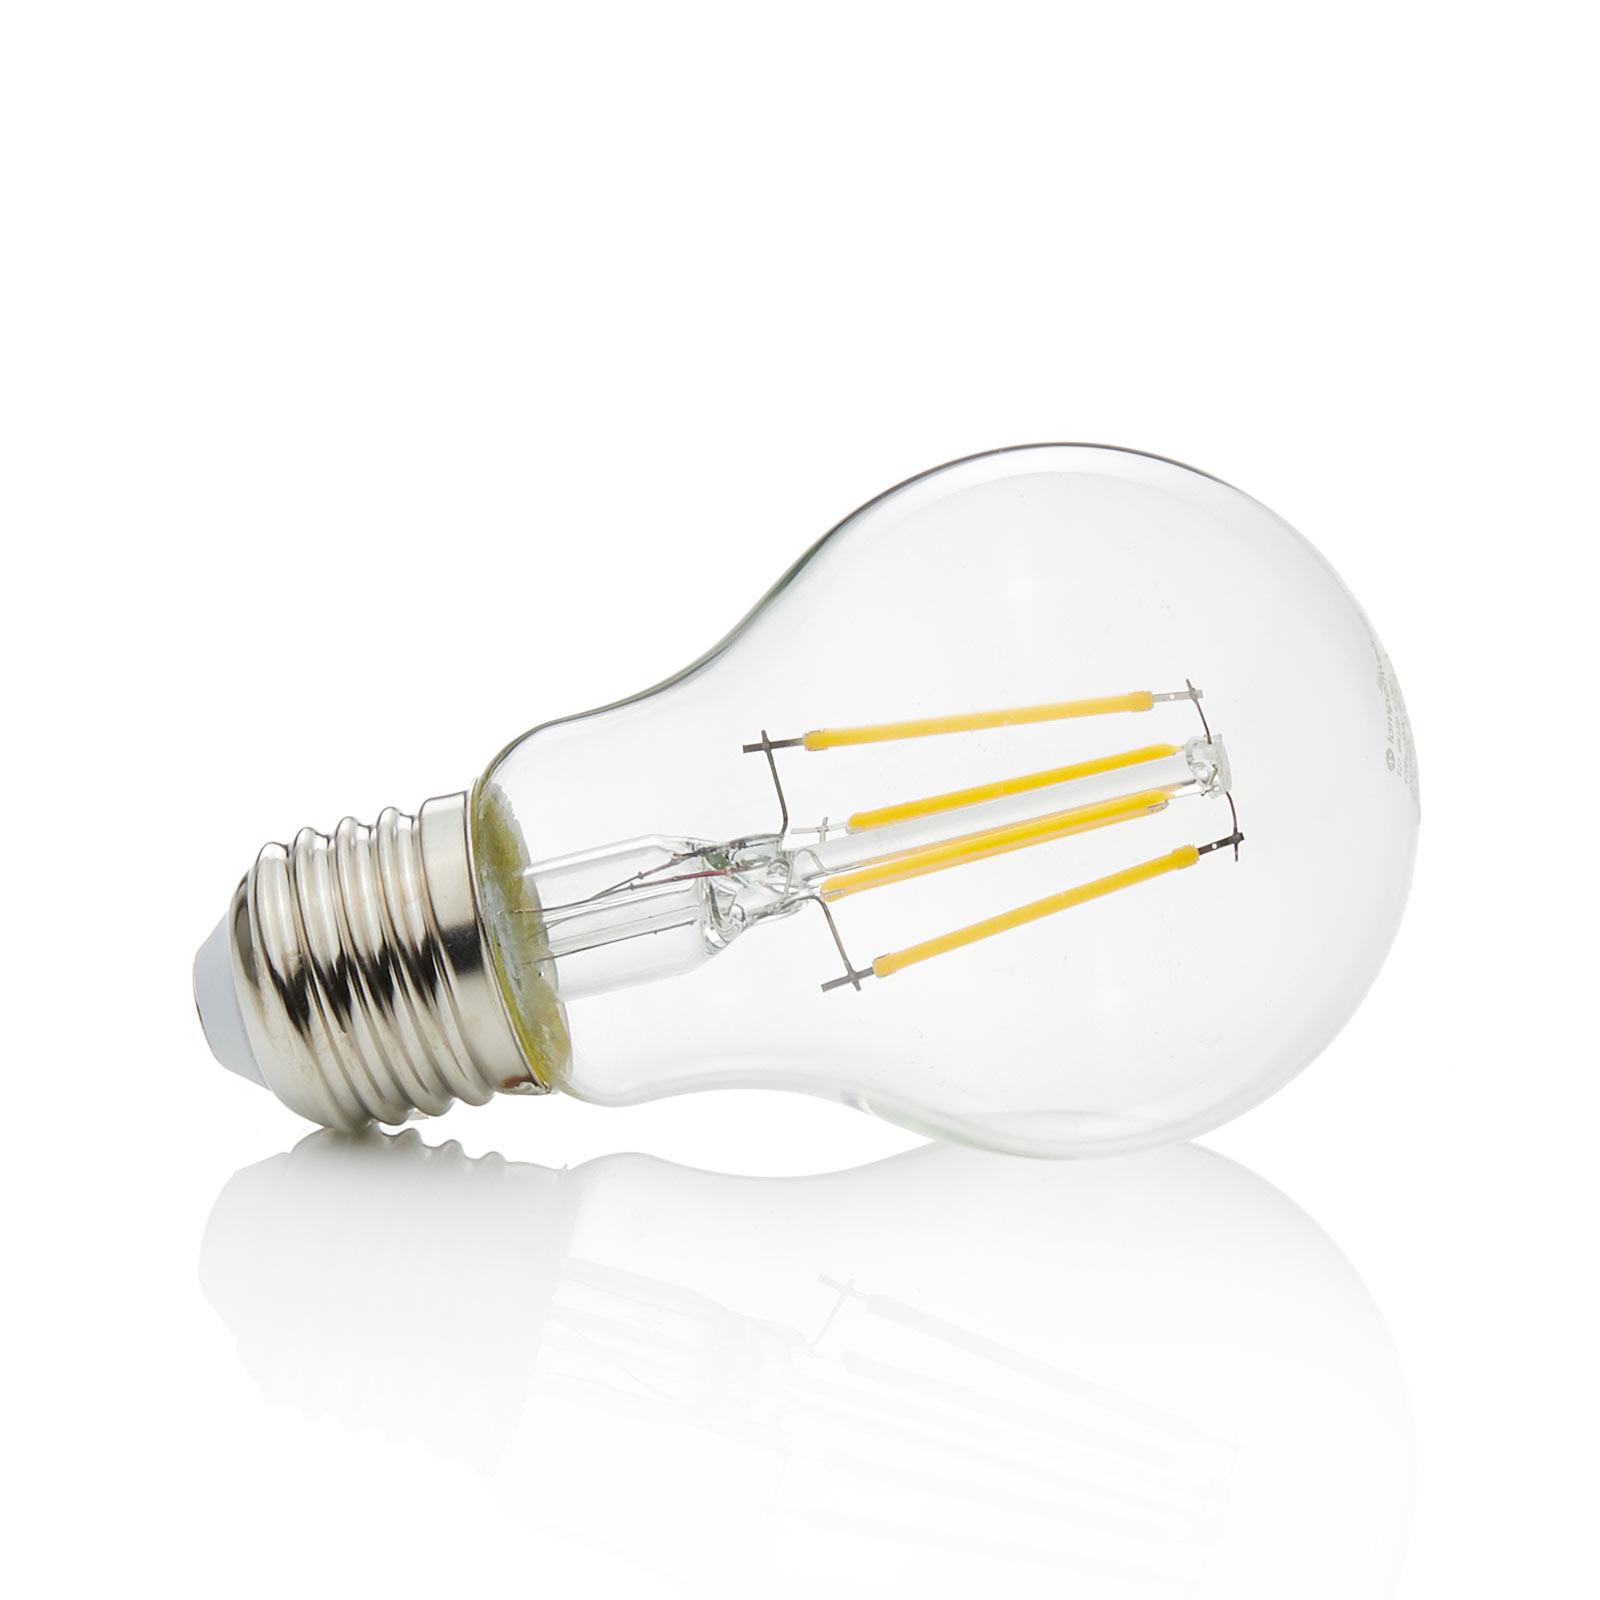 E27 LED-pære filament 4 W, 470 lm, 2700K, klar